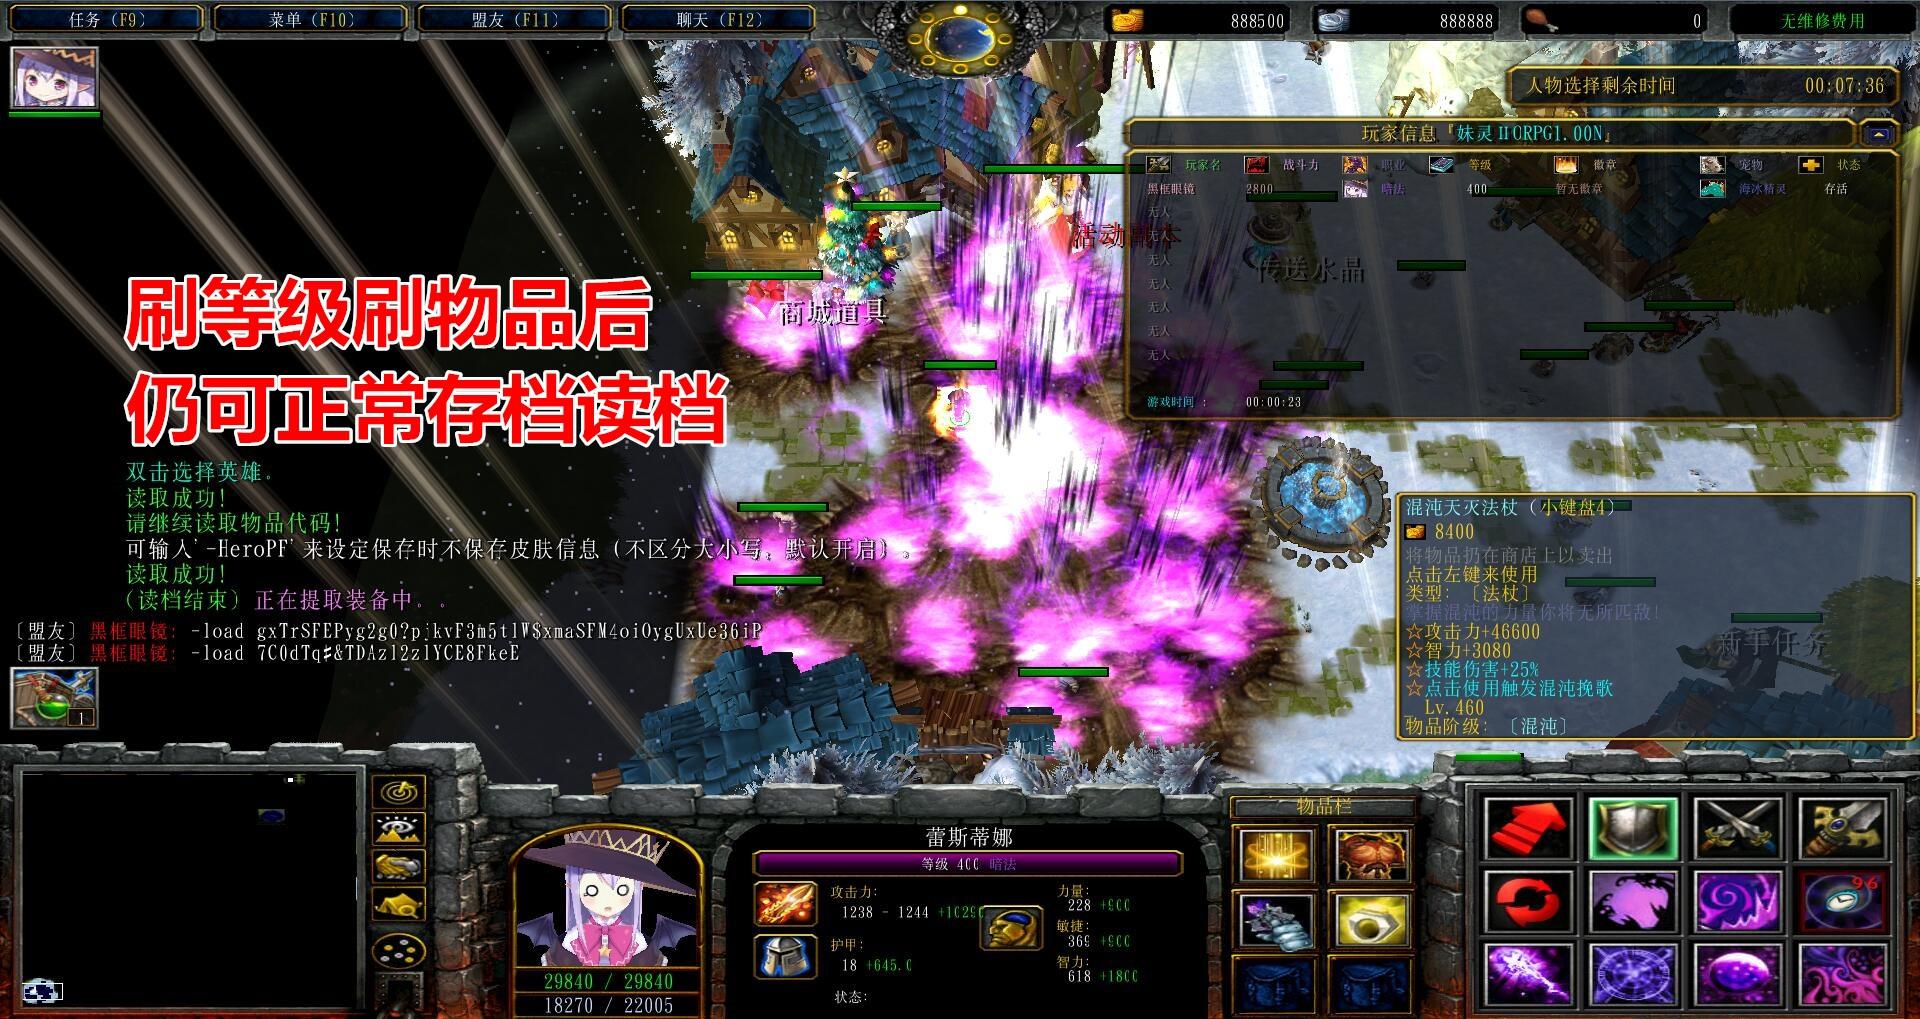 妹灵ⅡORPG1.00N黑式破解